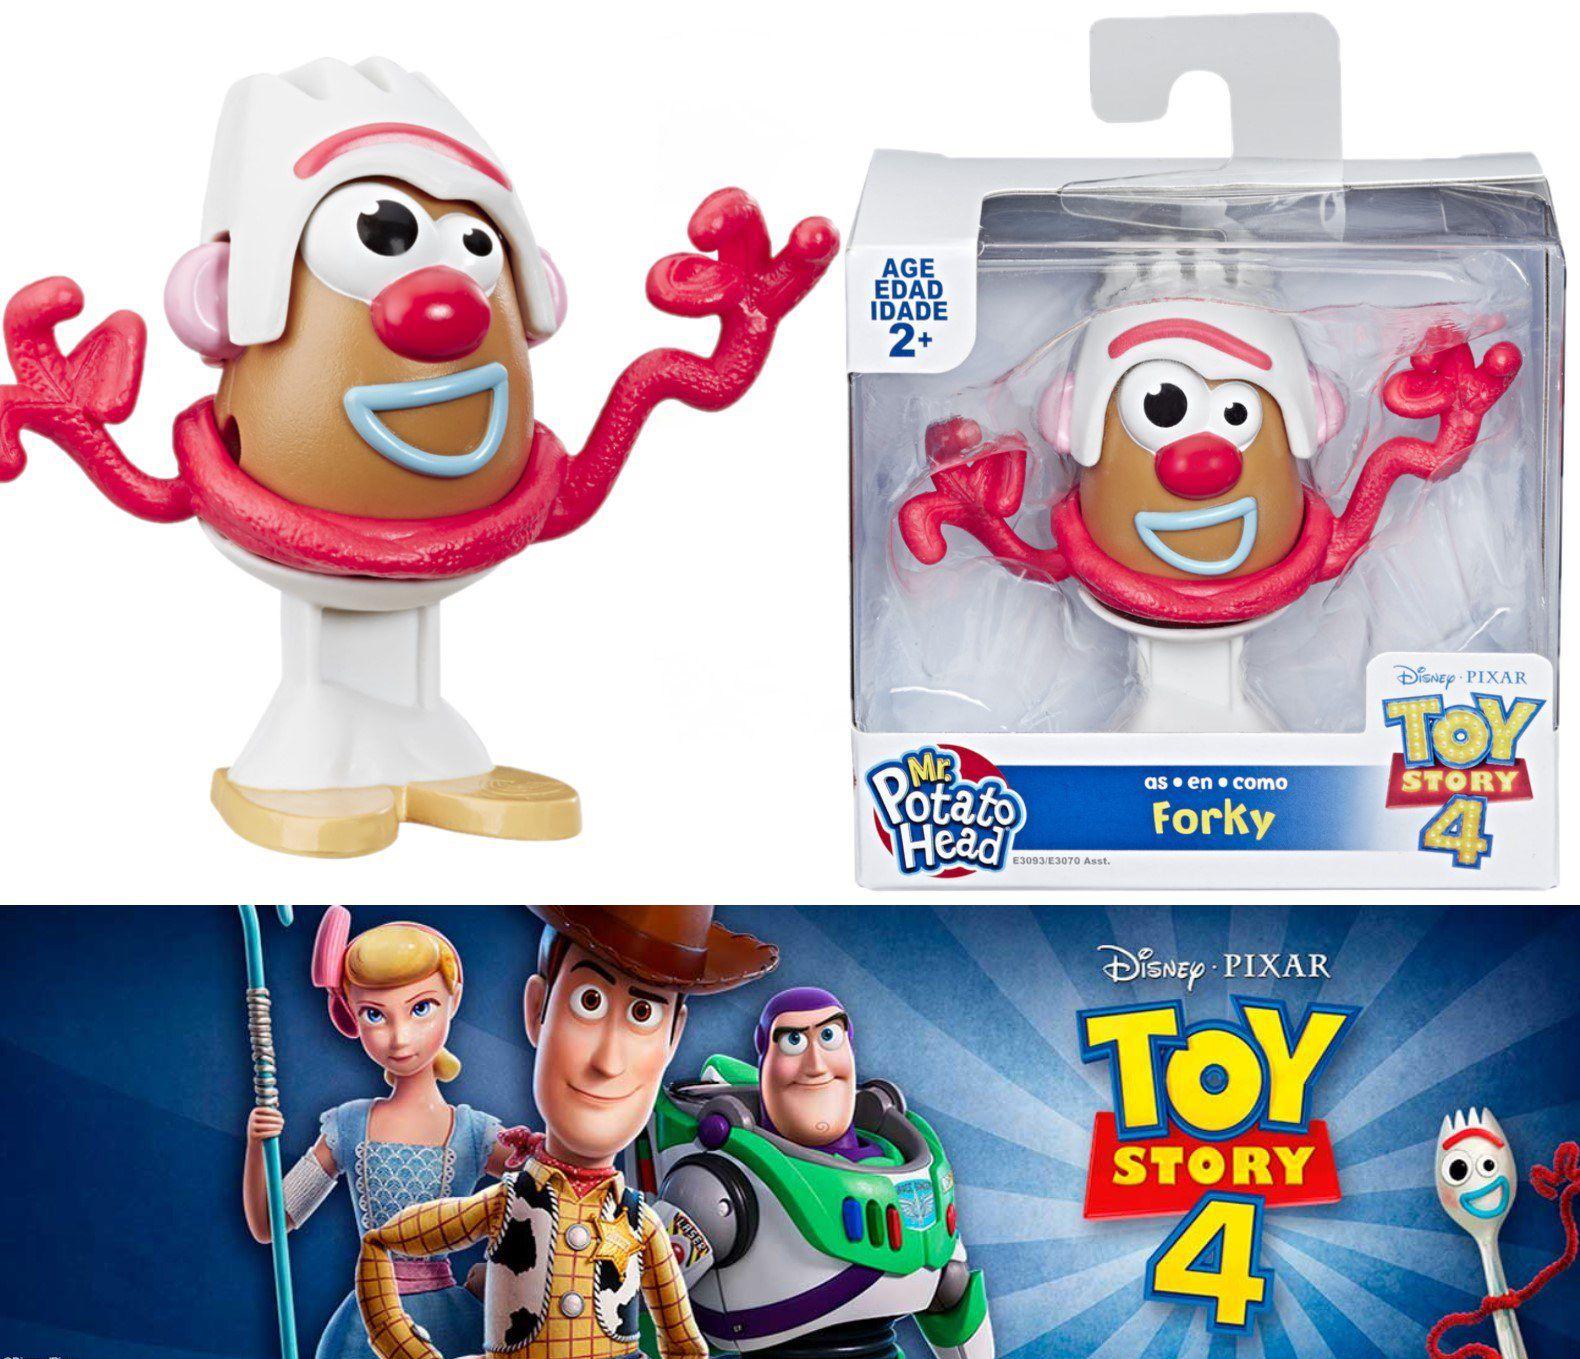 Boneco Forky - Toy Story 4 Mr Potato Head como Forky E3093 - Hasbro